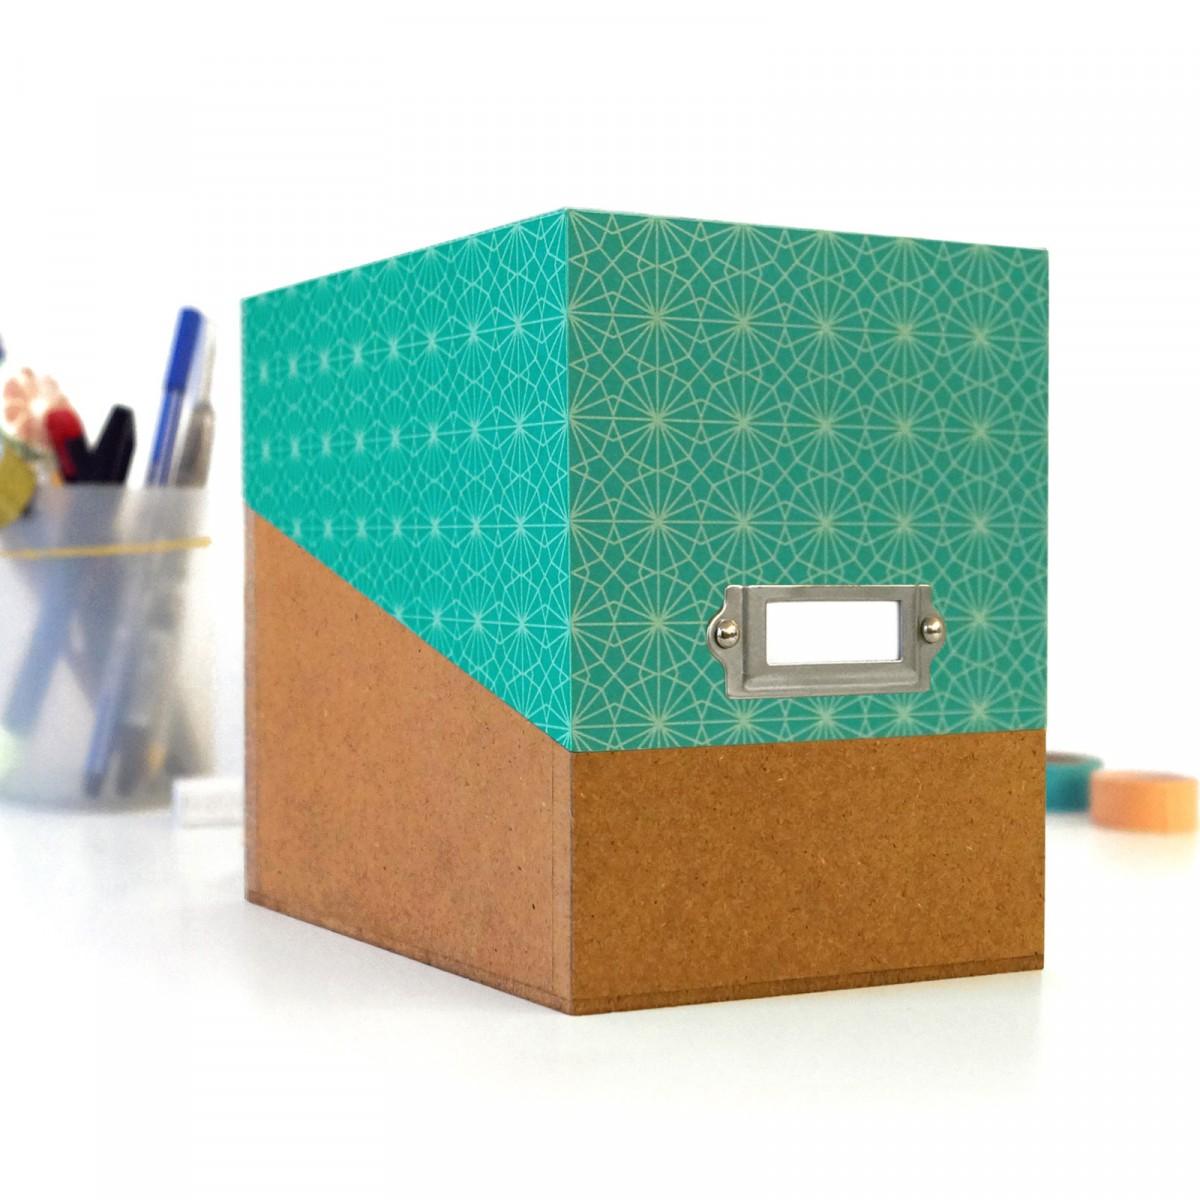 sperlingB – Box mit türkisfarbenem Deckel und Etikettenschild, Sammelbox mit Registern und Blankokarten, Kiste zum Aufbewahren